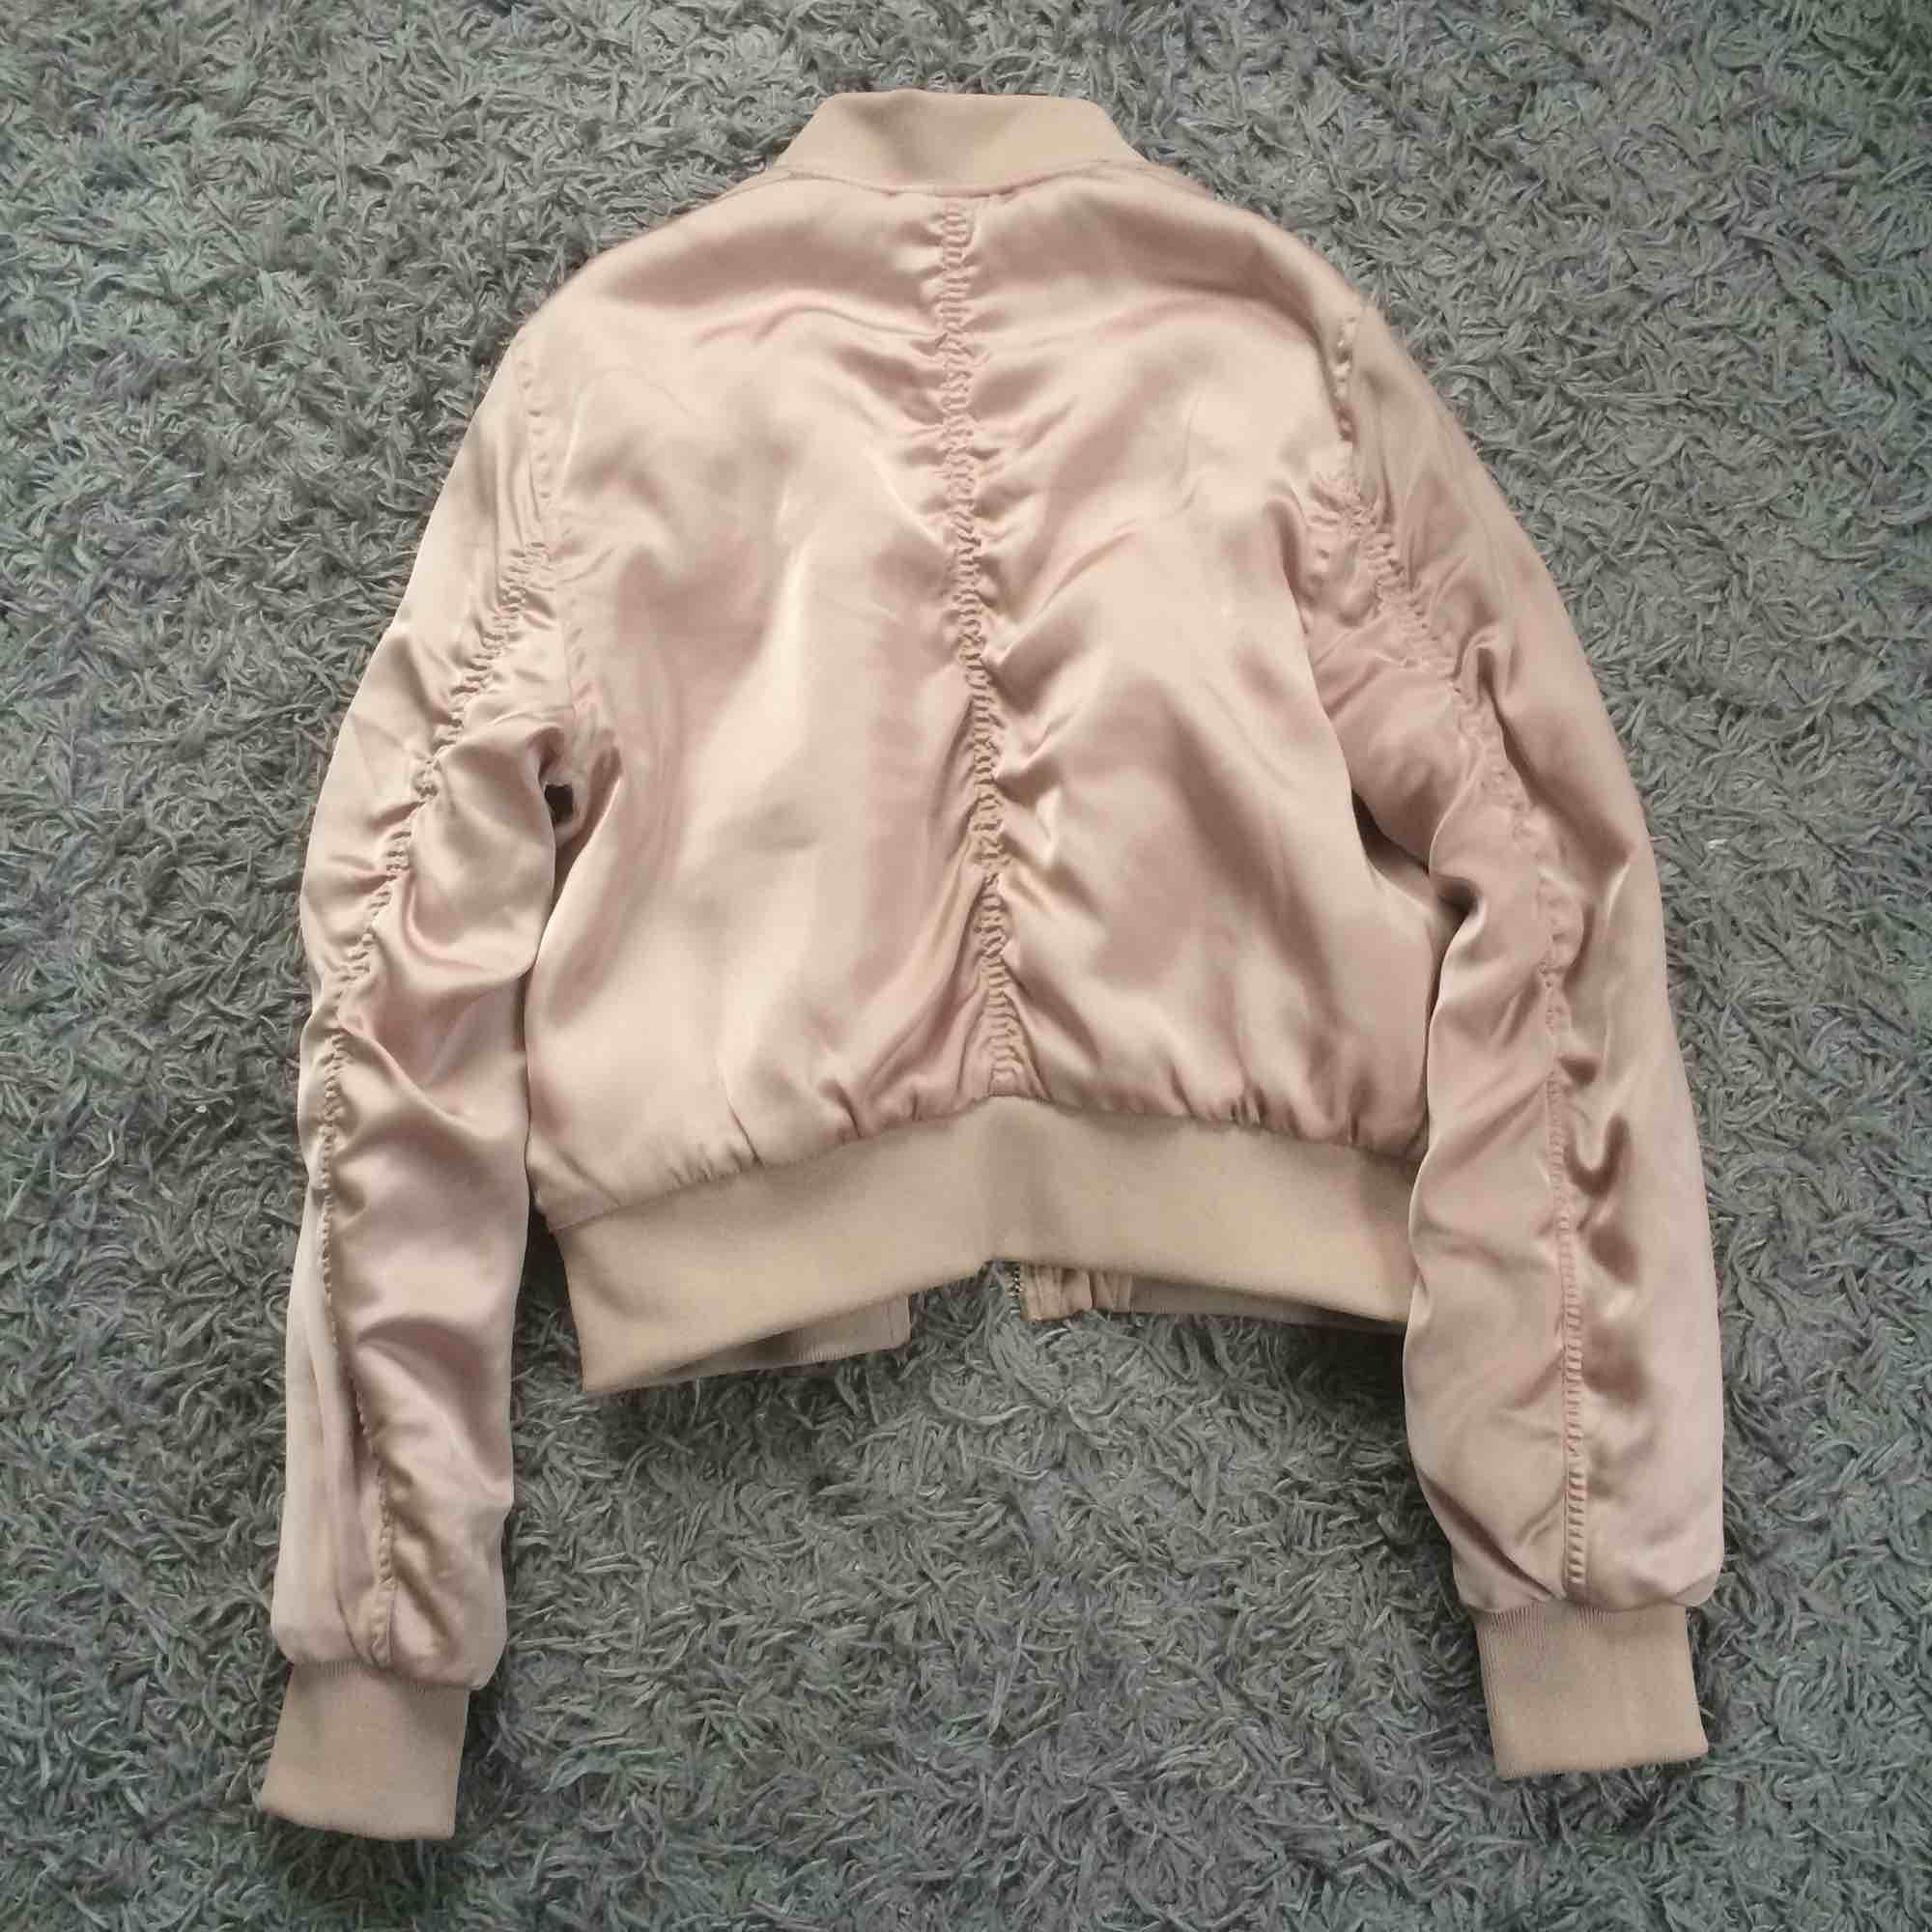 Jätte snygg rosa bomber jacka från H&M. Använd men inte sliten. Har en liten fläk på sida men inget som syns. Köparen betalar för frakt. Jackor.